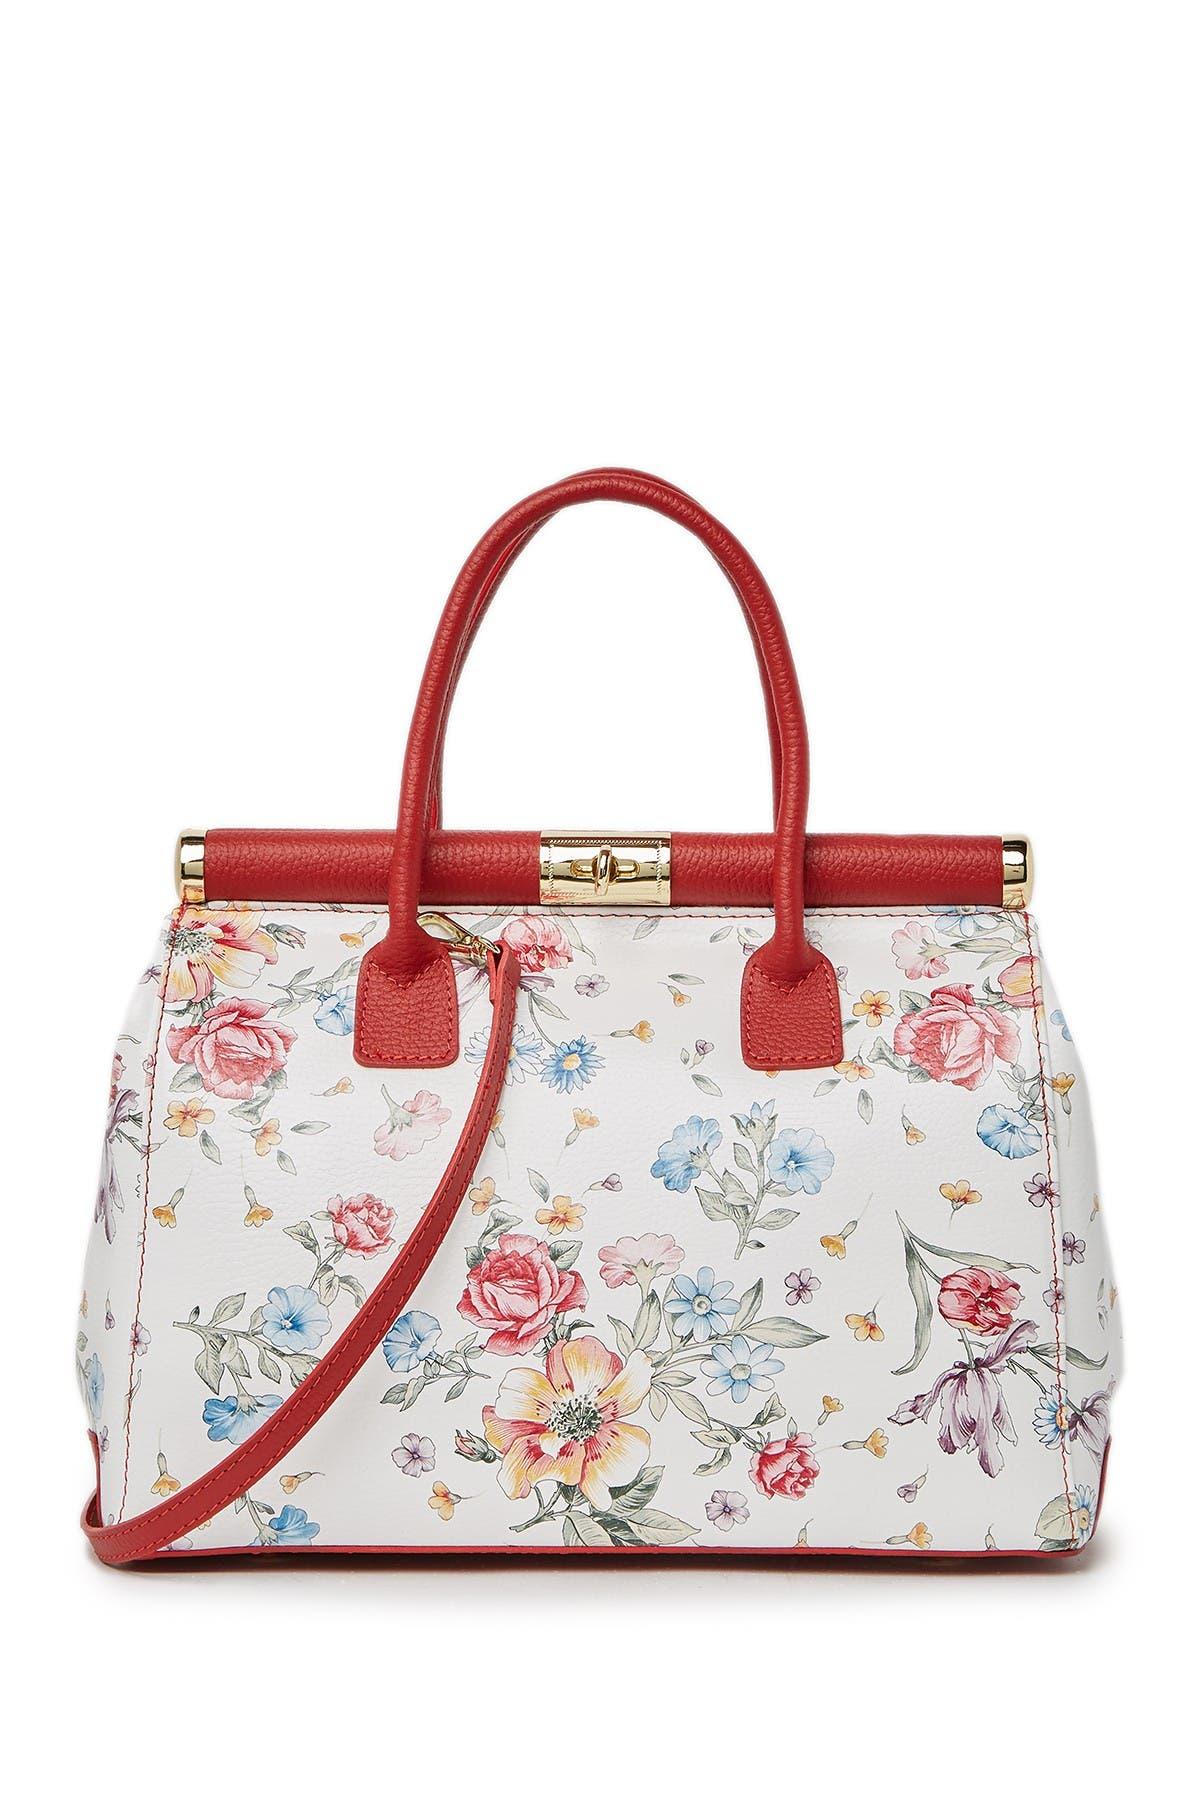 Image of Renata Corsi Floral Leather Shoulder Bag